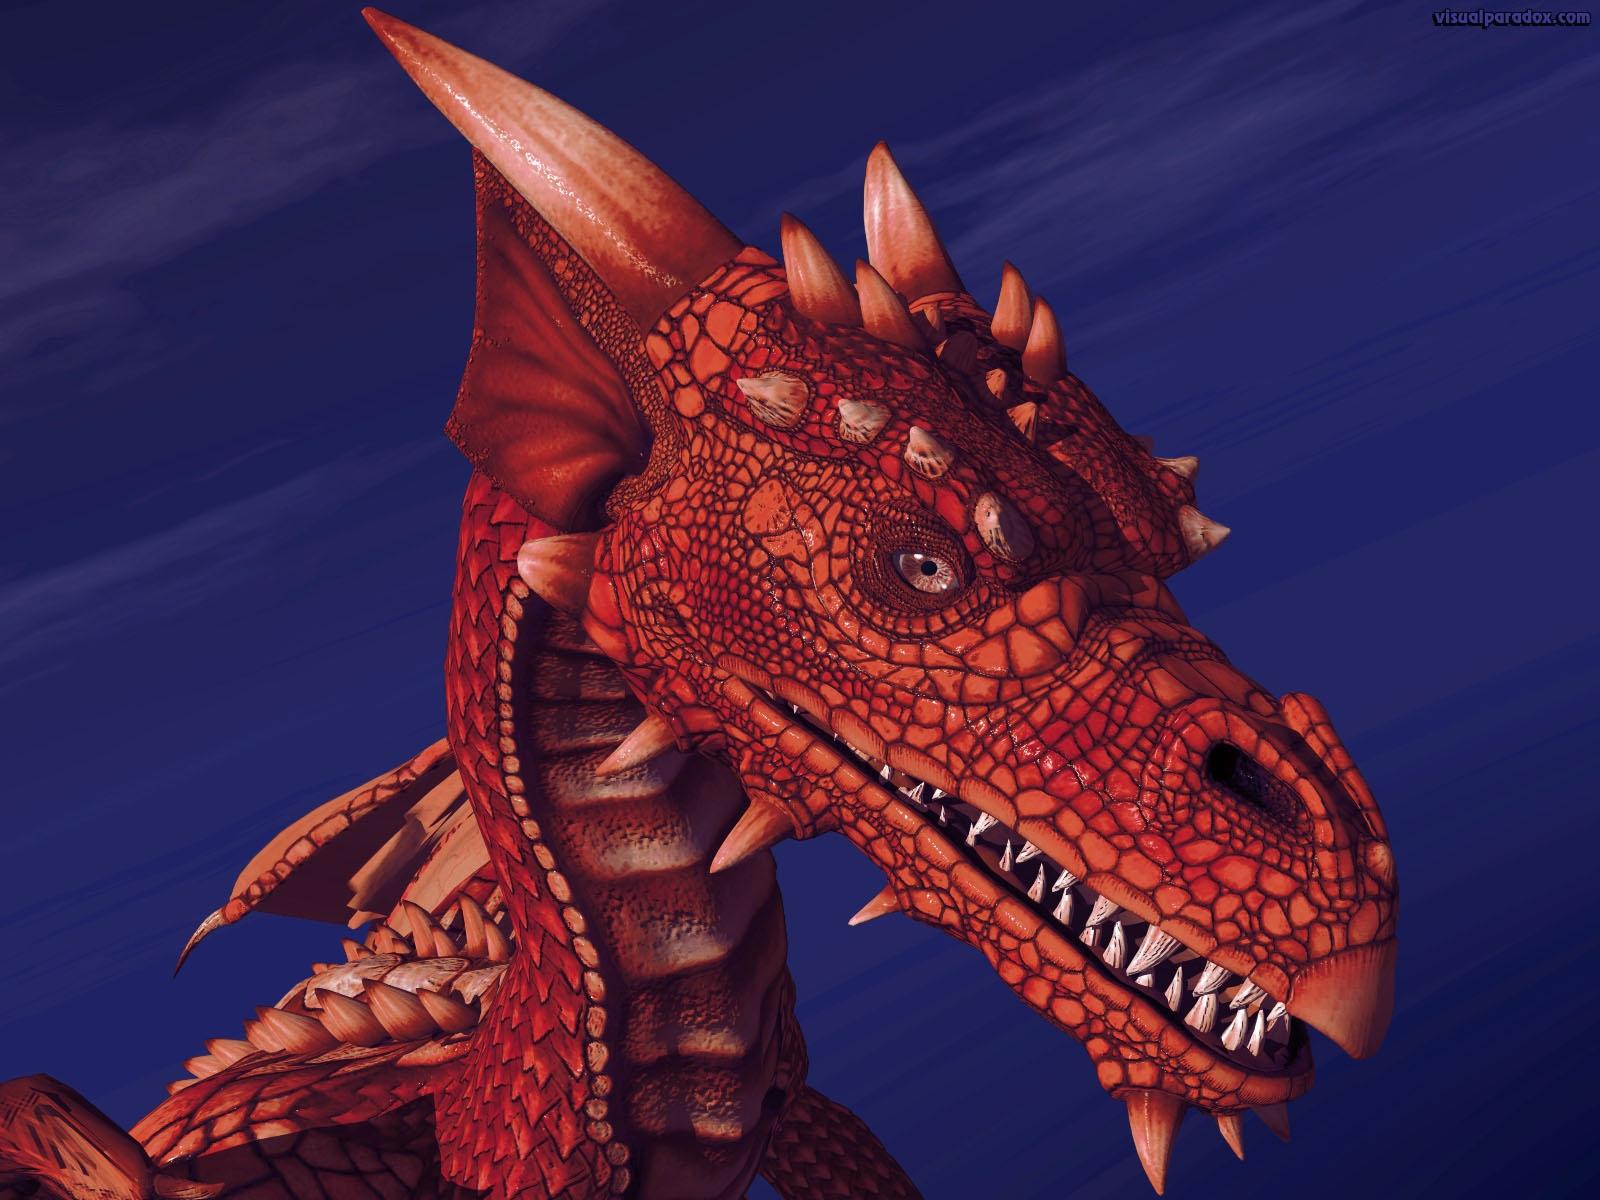 dragon wallpaper 1600x1200 - photo #12